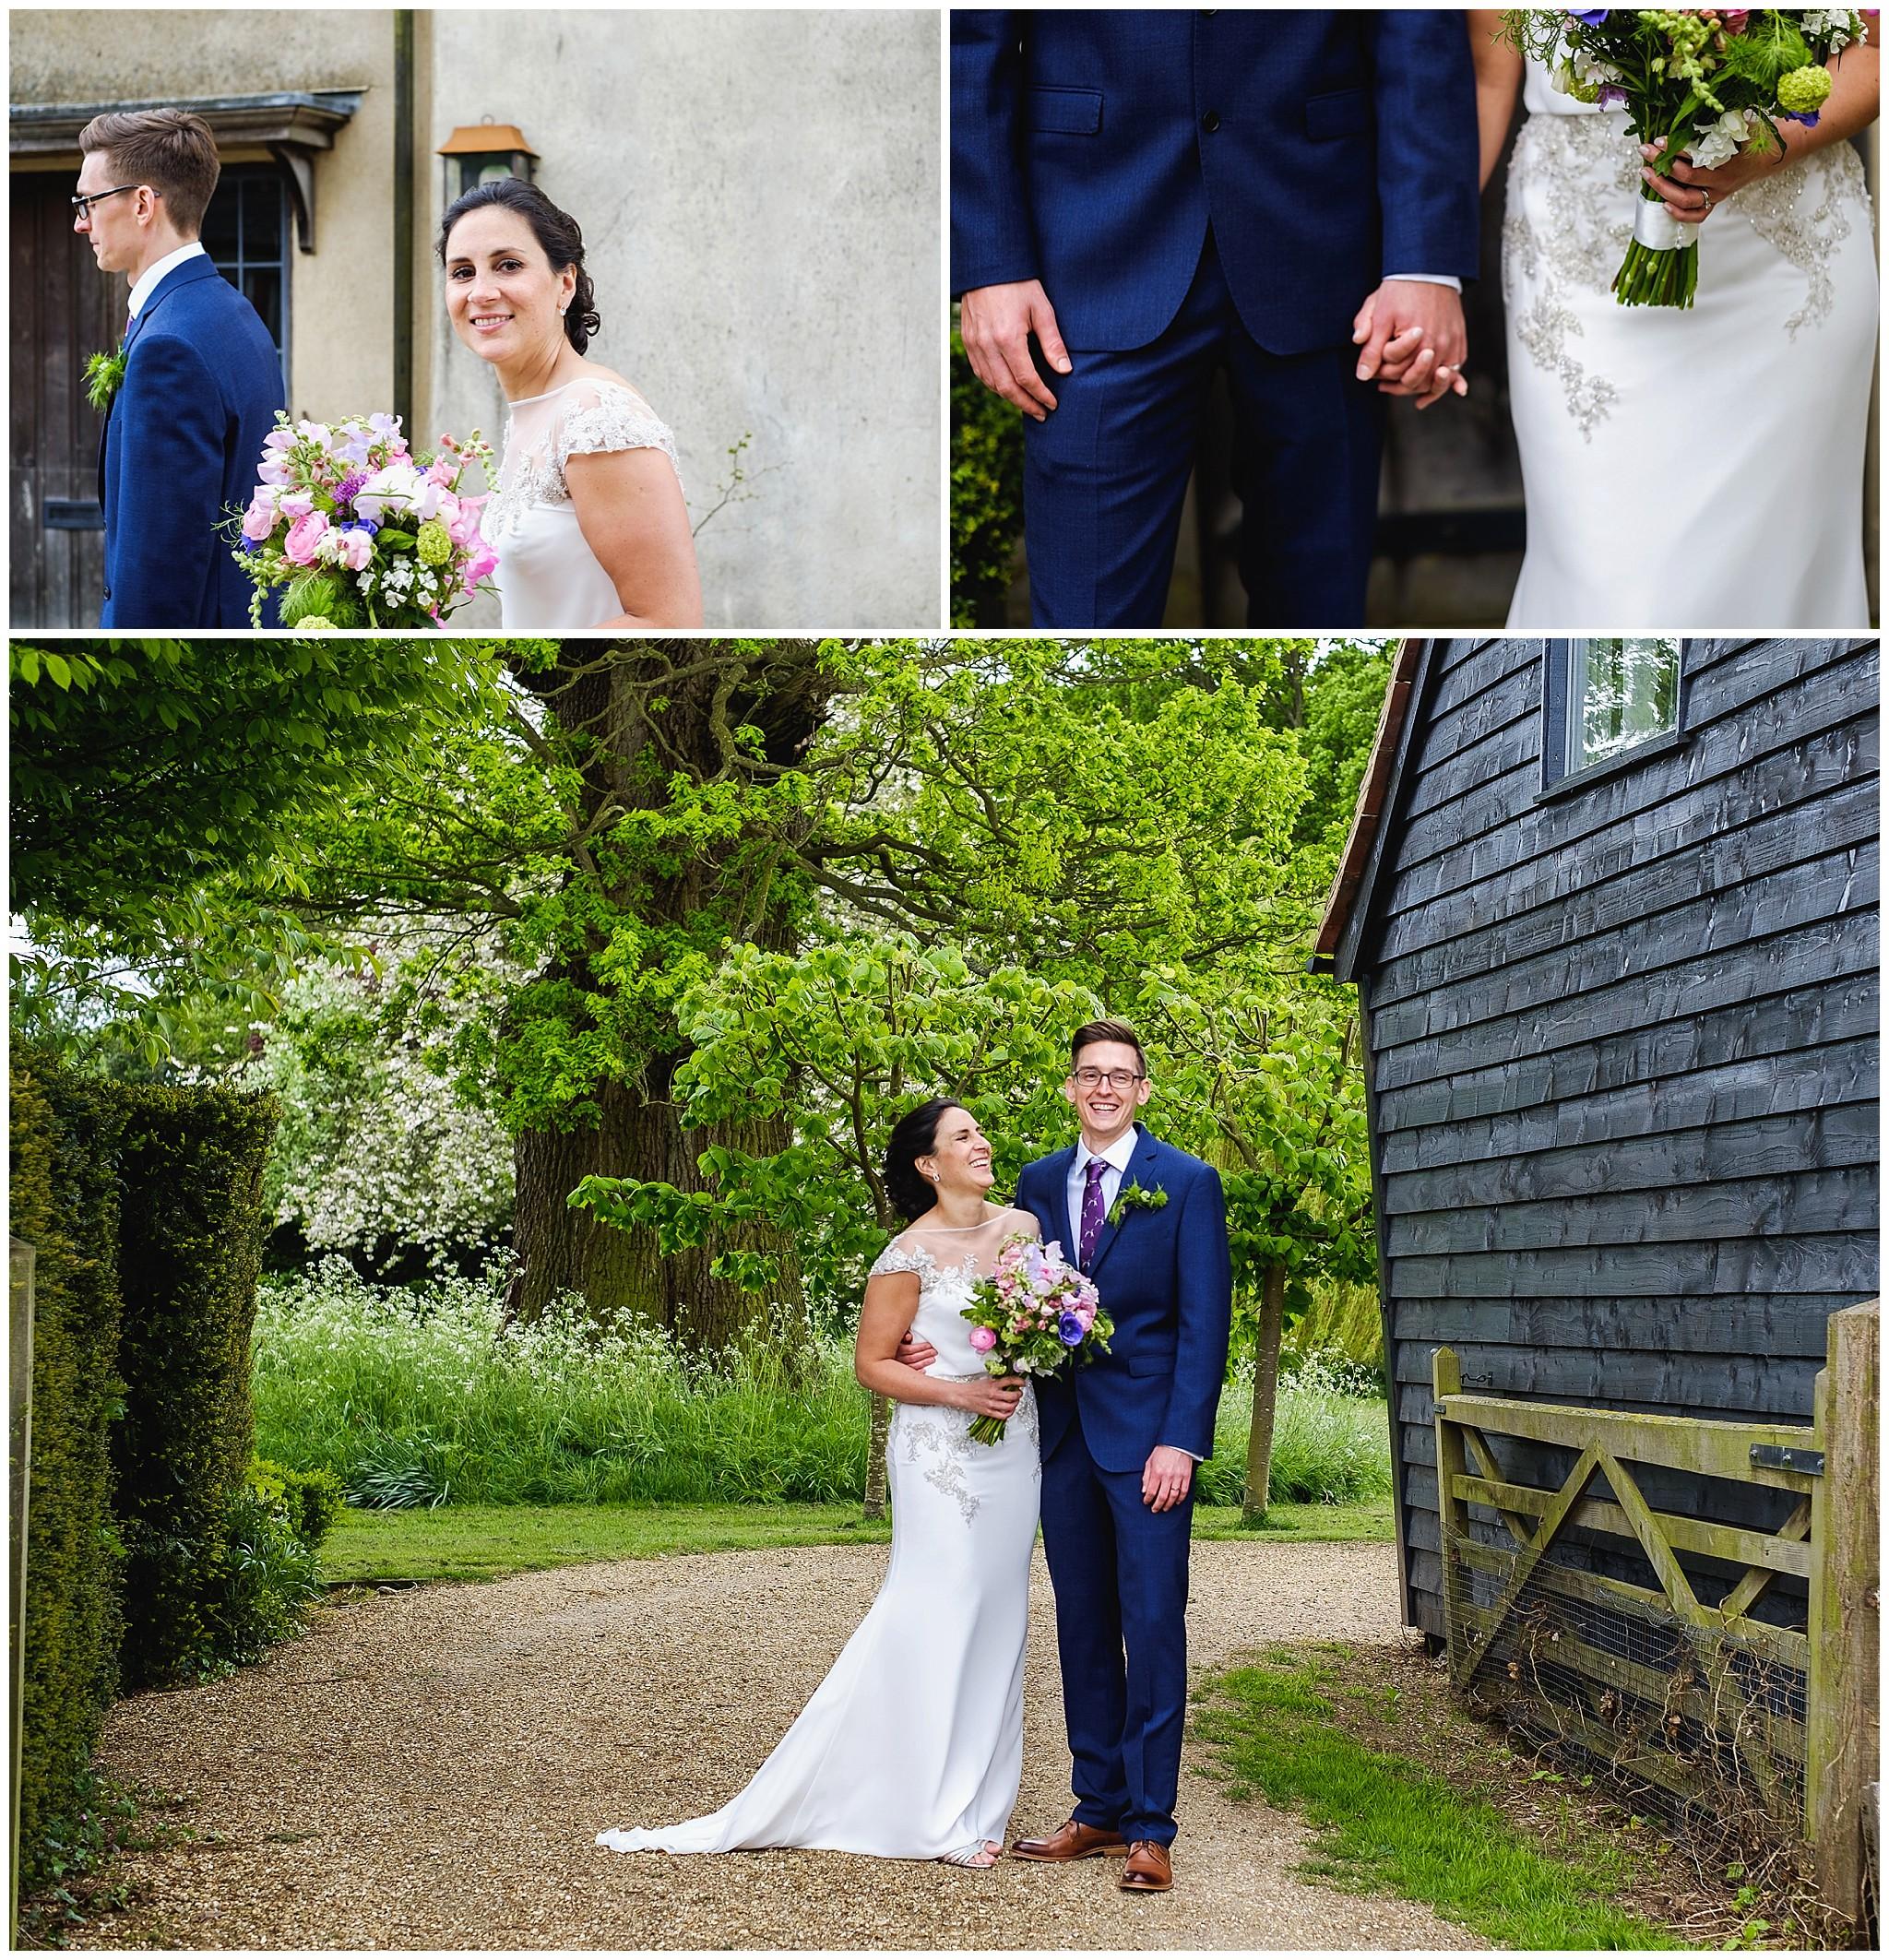 Wedding couple candid portraits